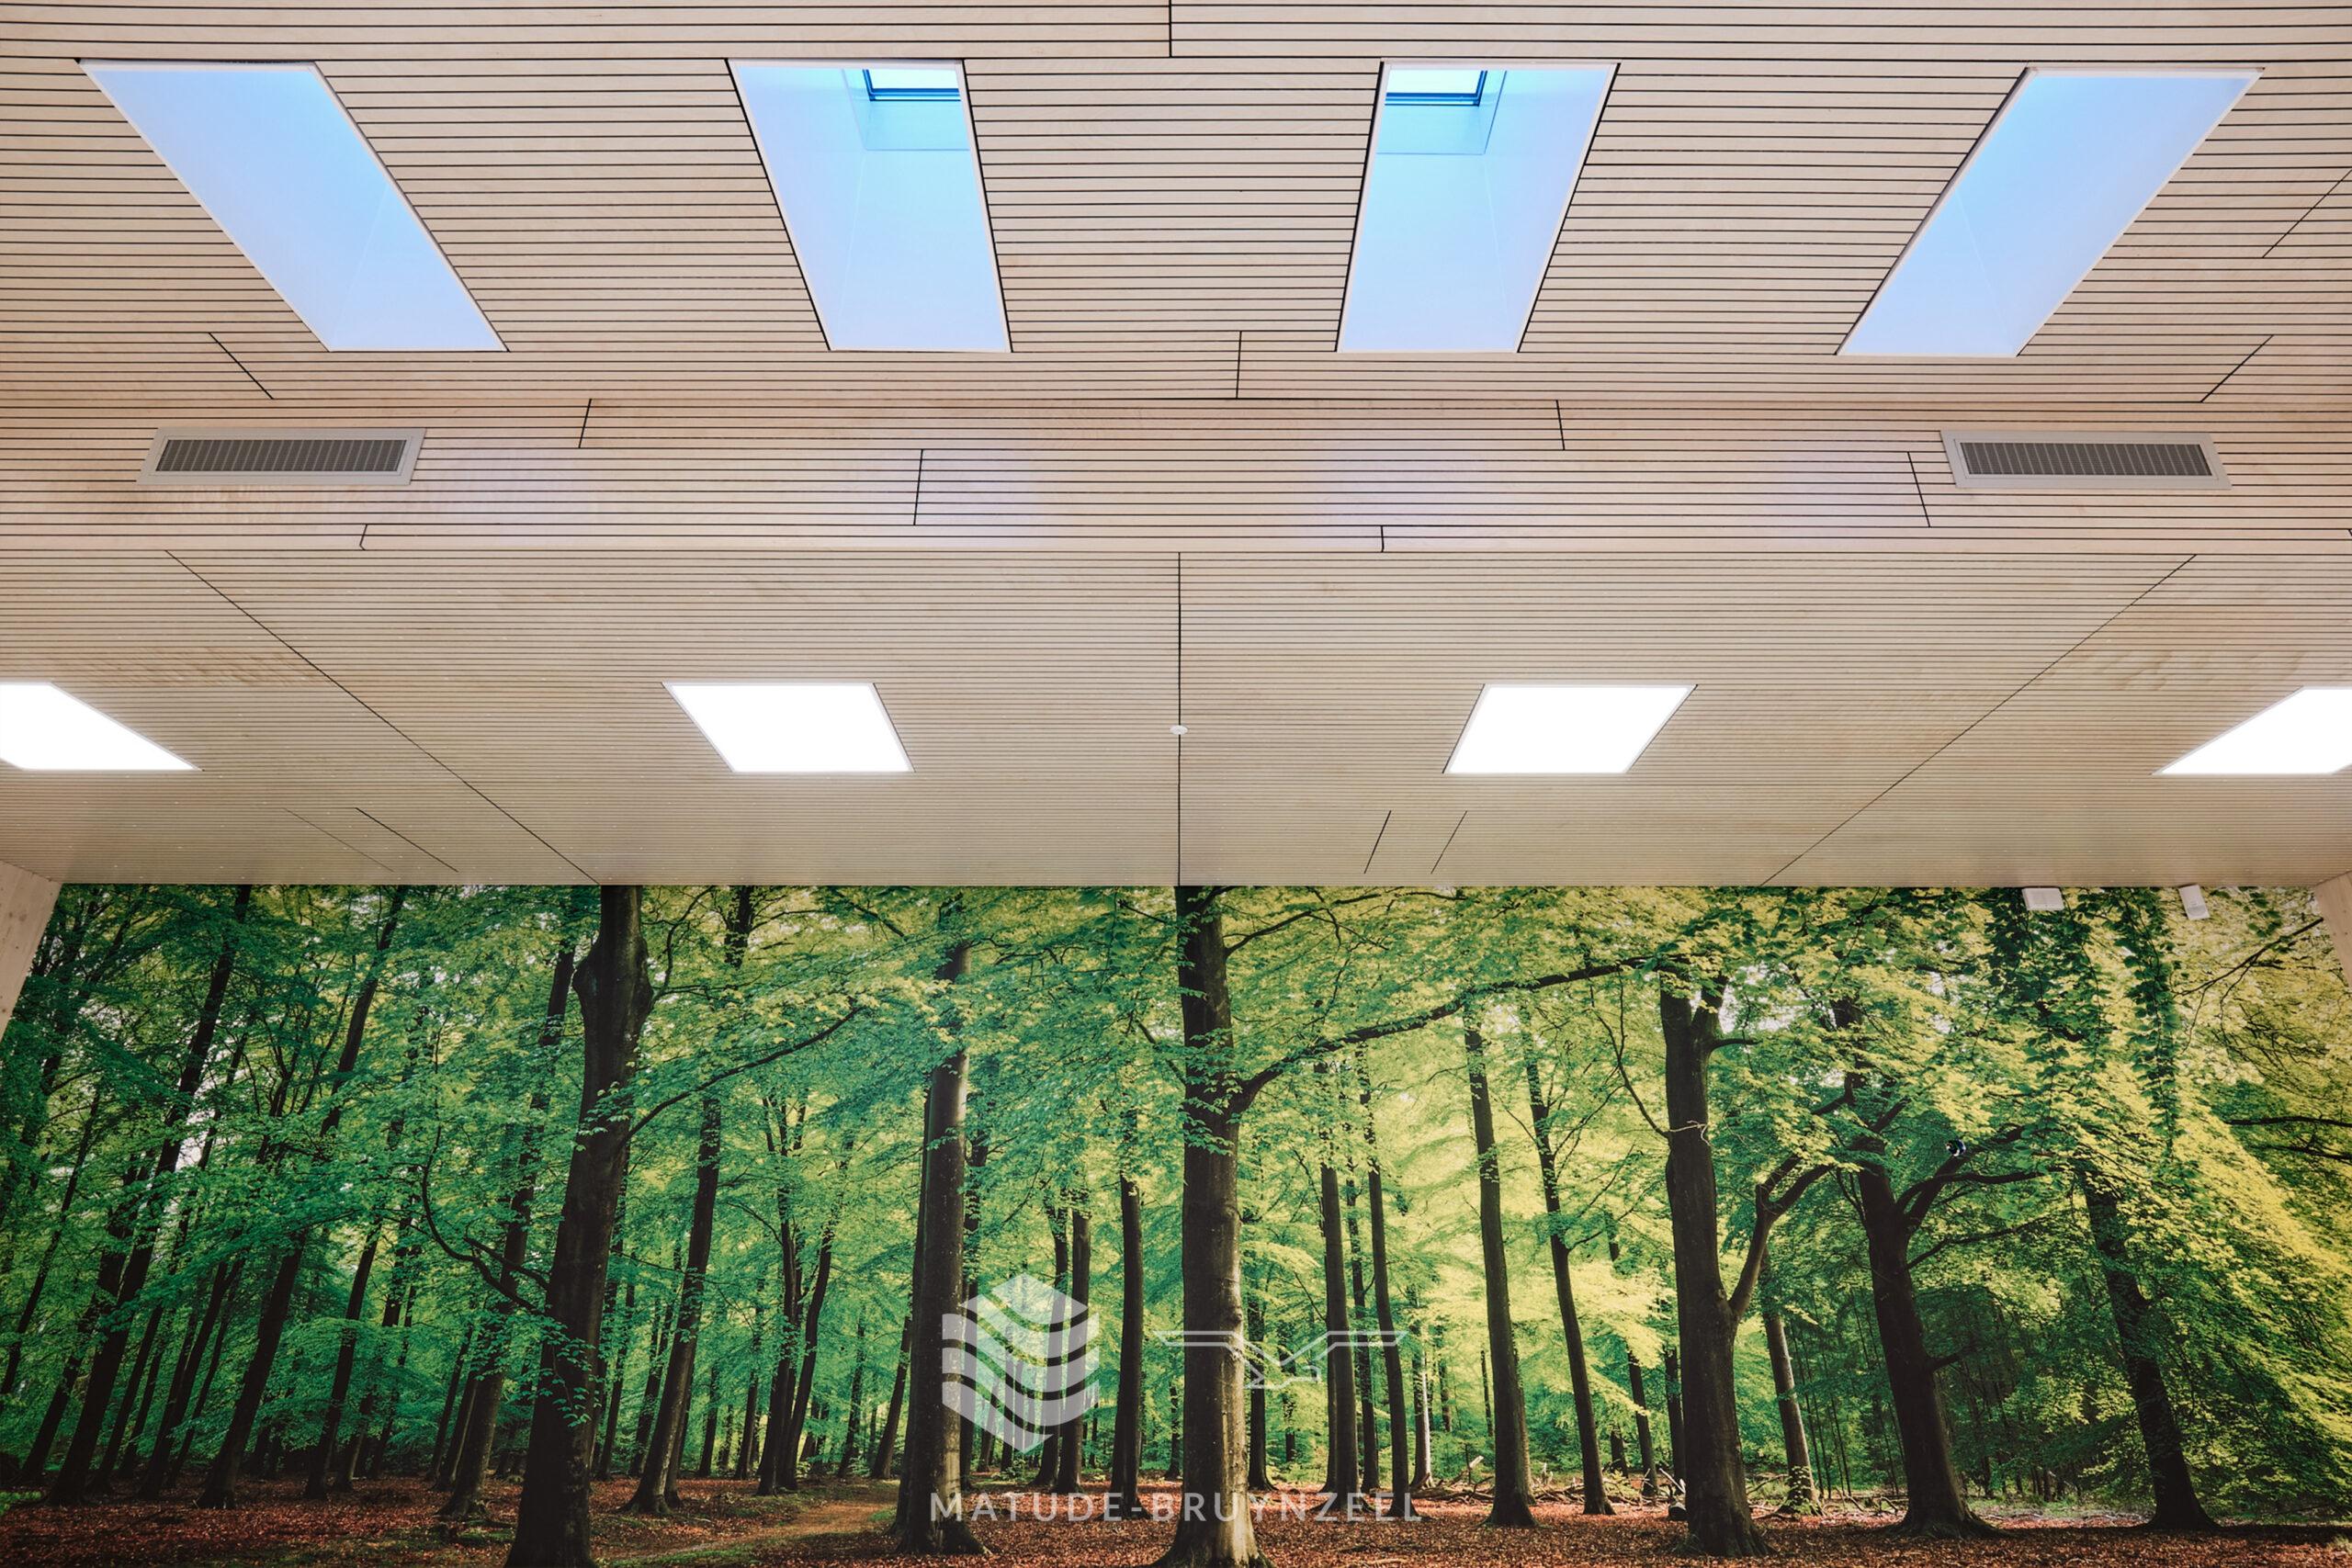 https://www.matude.nl/wp-content/uploads/2020/12/Matude_Bruynzeel_MFA_Voorn_Bruynzeel_Perfosound_Line_Akoestisch_Plafond_09-scaled.jpg